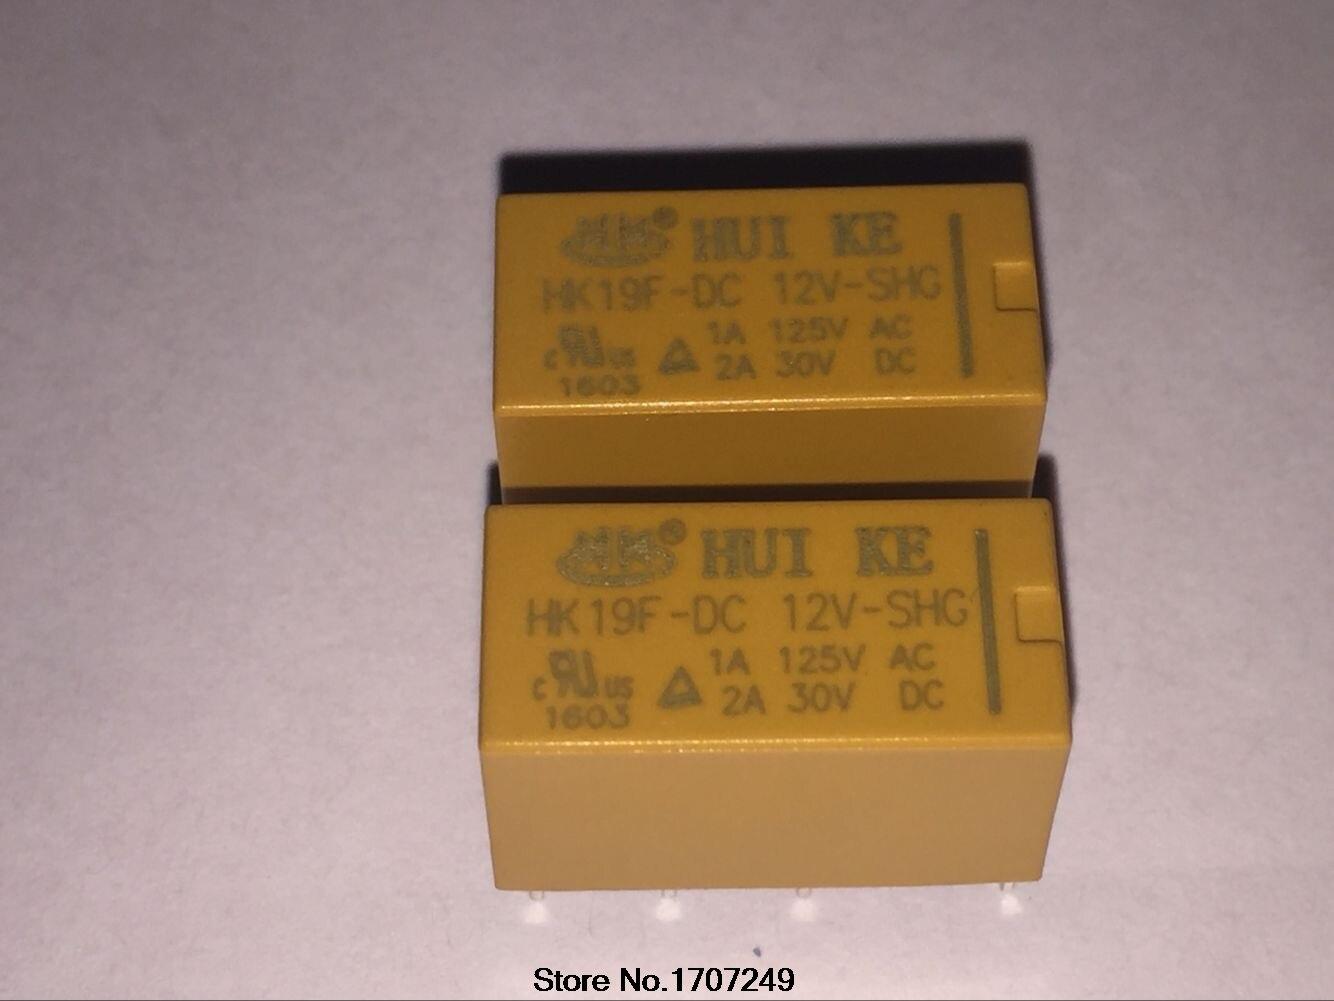 10 Pçs/lote Para DC 12 V Bobina DPDT 8 Pinos 2NO SHG 2NF Mini Relé de Potência PCB Tipo HK19F HUI KE Livre grátis